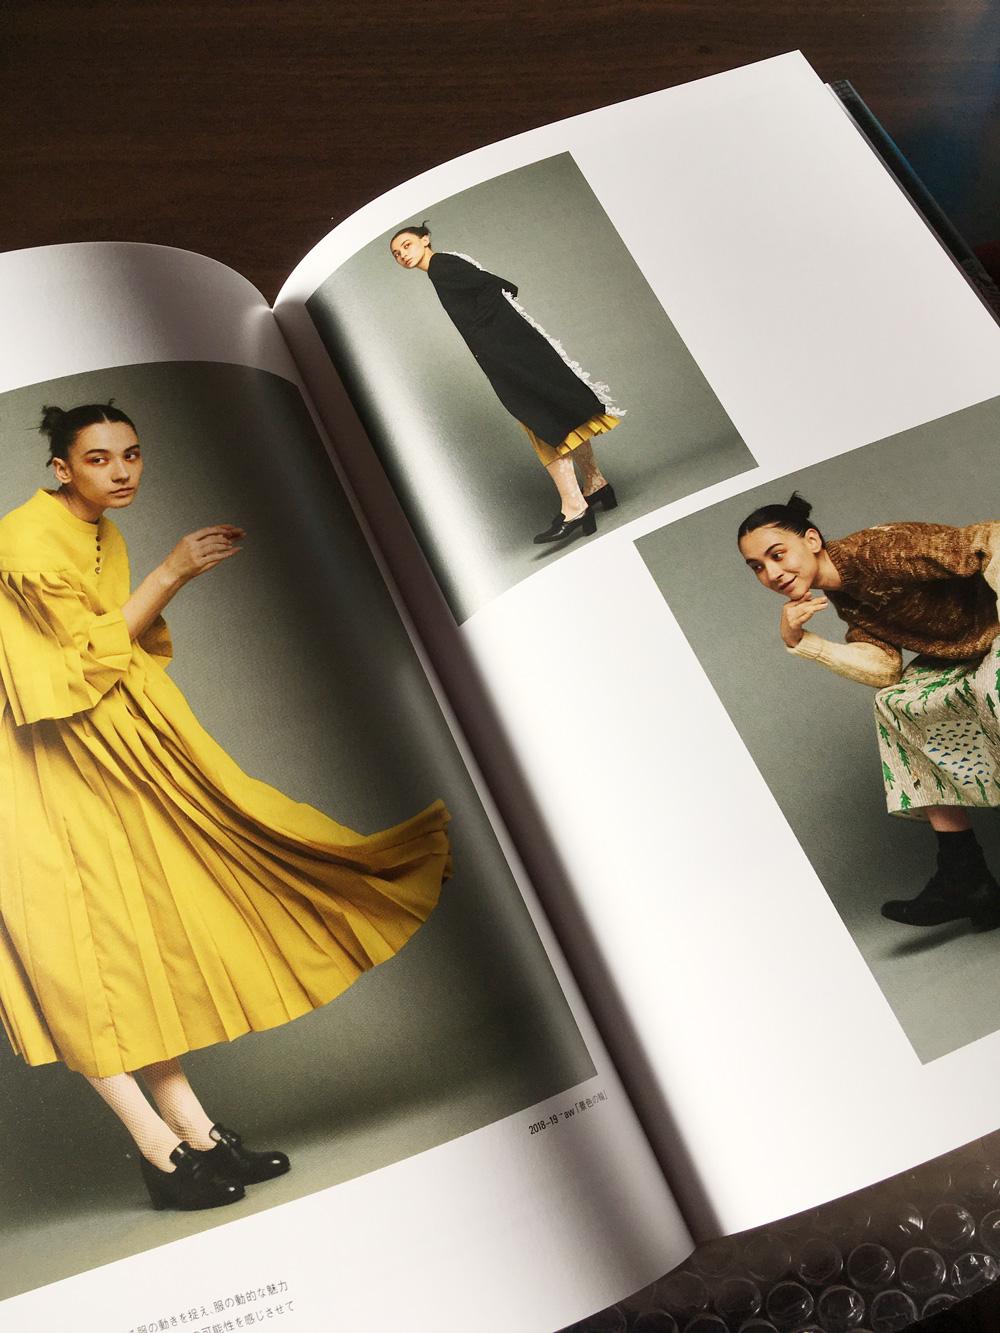 東京都現代美術館で「ミナ ペルホネン / 皆川明 つづく」のカタログがきた